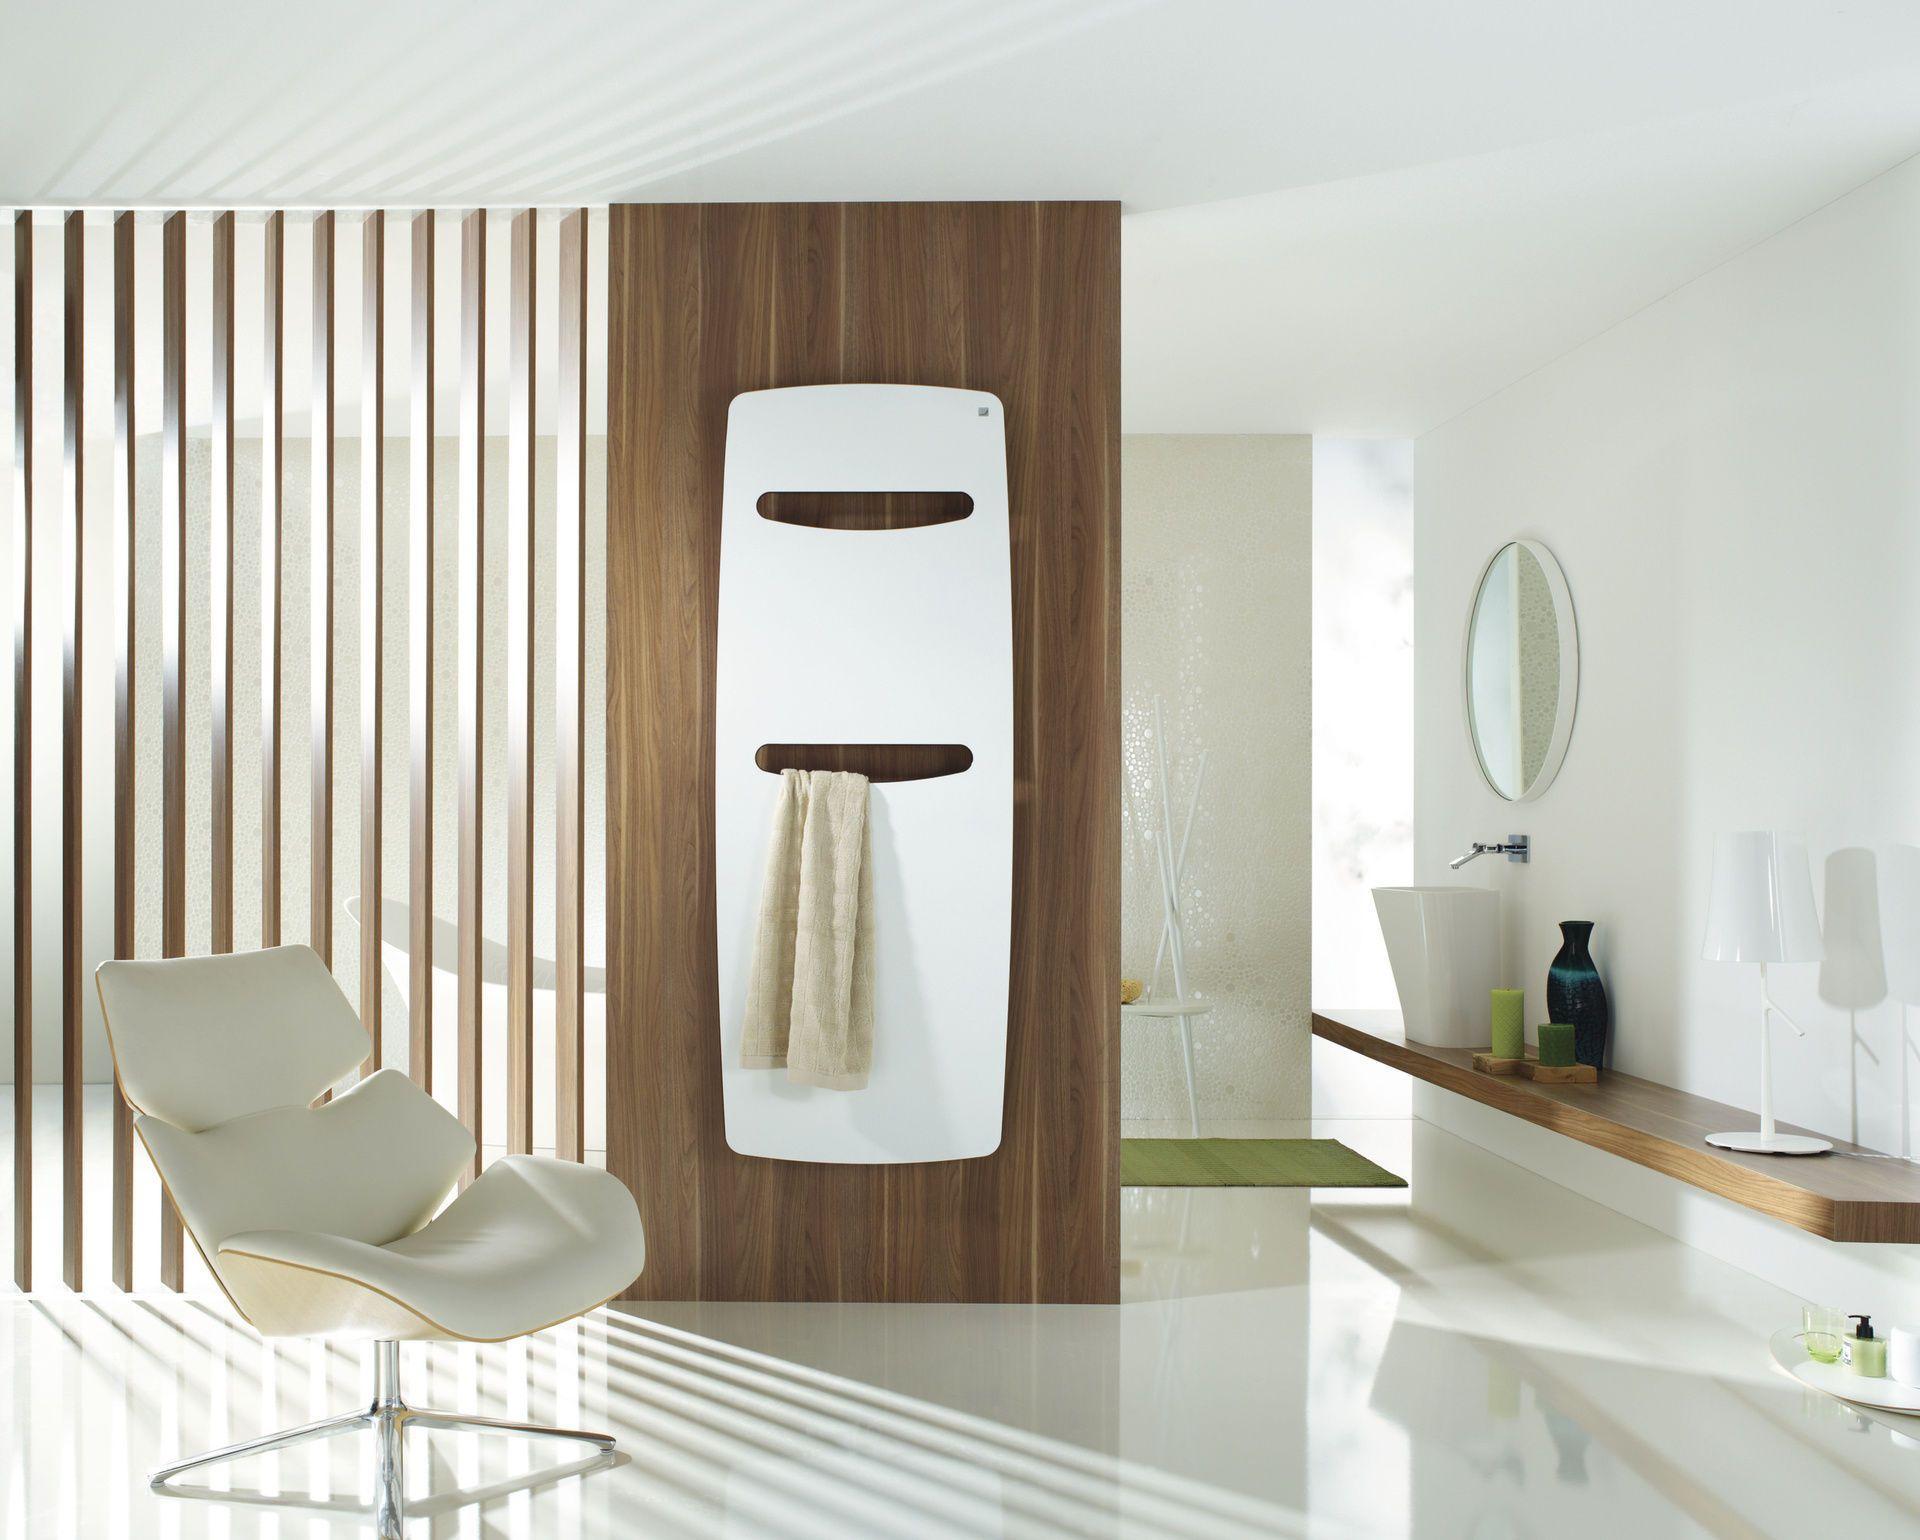 Heizkörper Für Kleine Badezimmer